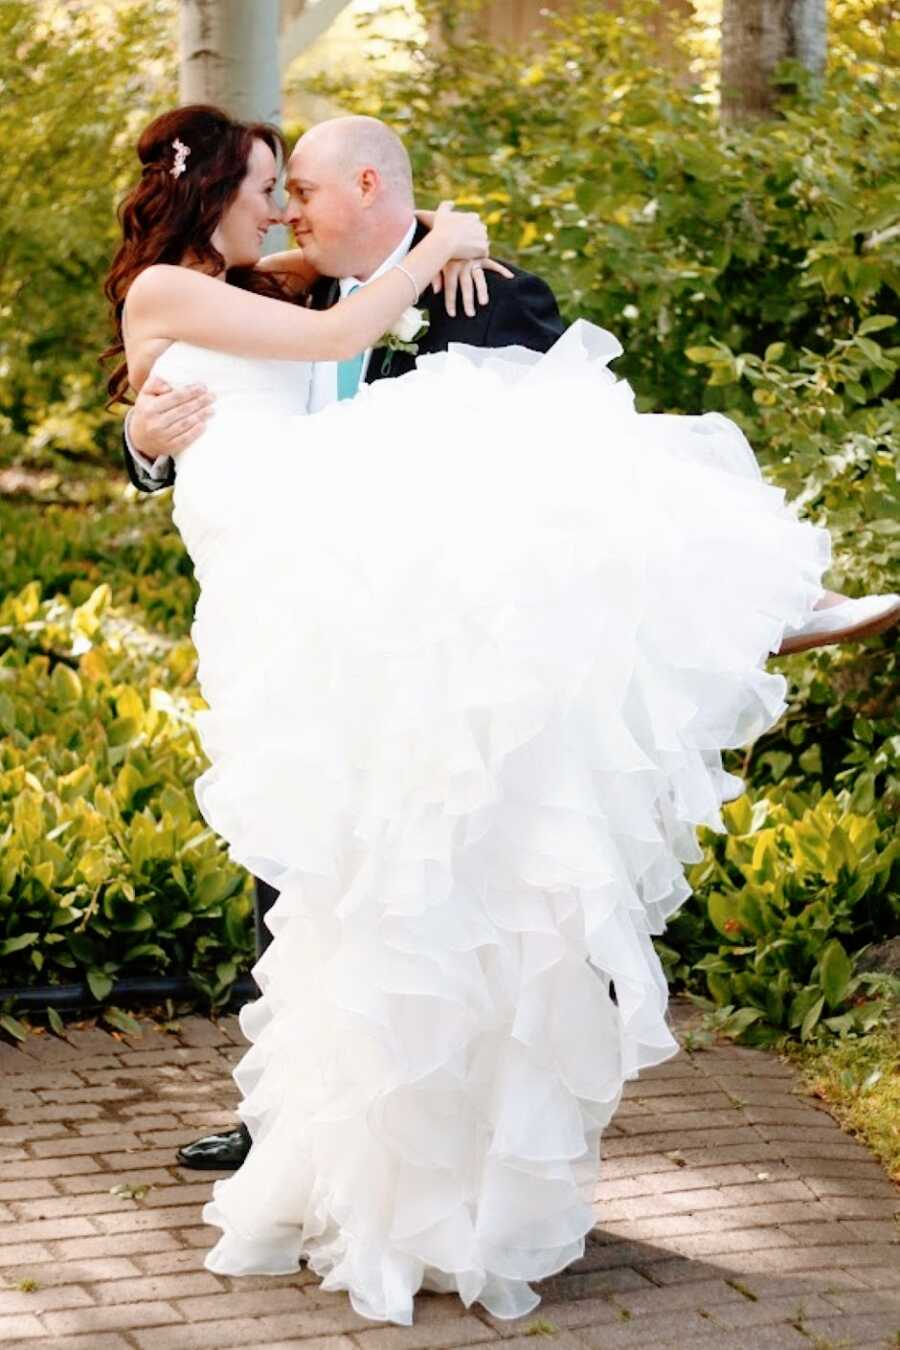 新婚夫妇将夫妻照片一起分享,在丈夫抱着他的妻子时分享一个亲密的时刻,而他们互相看着彼此的眼睛